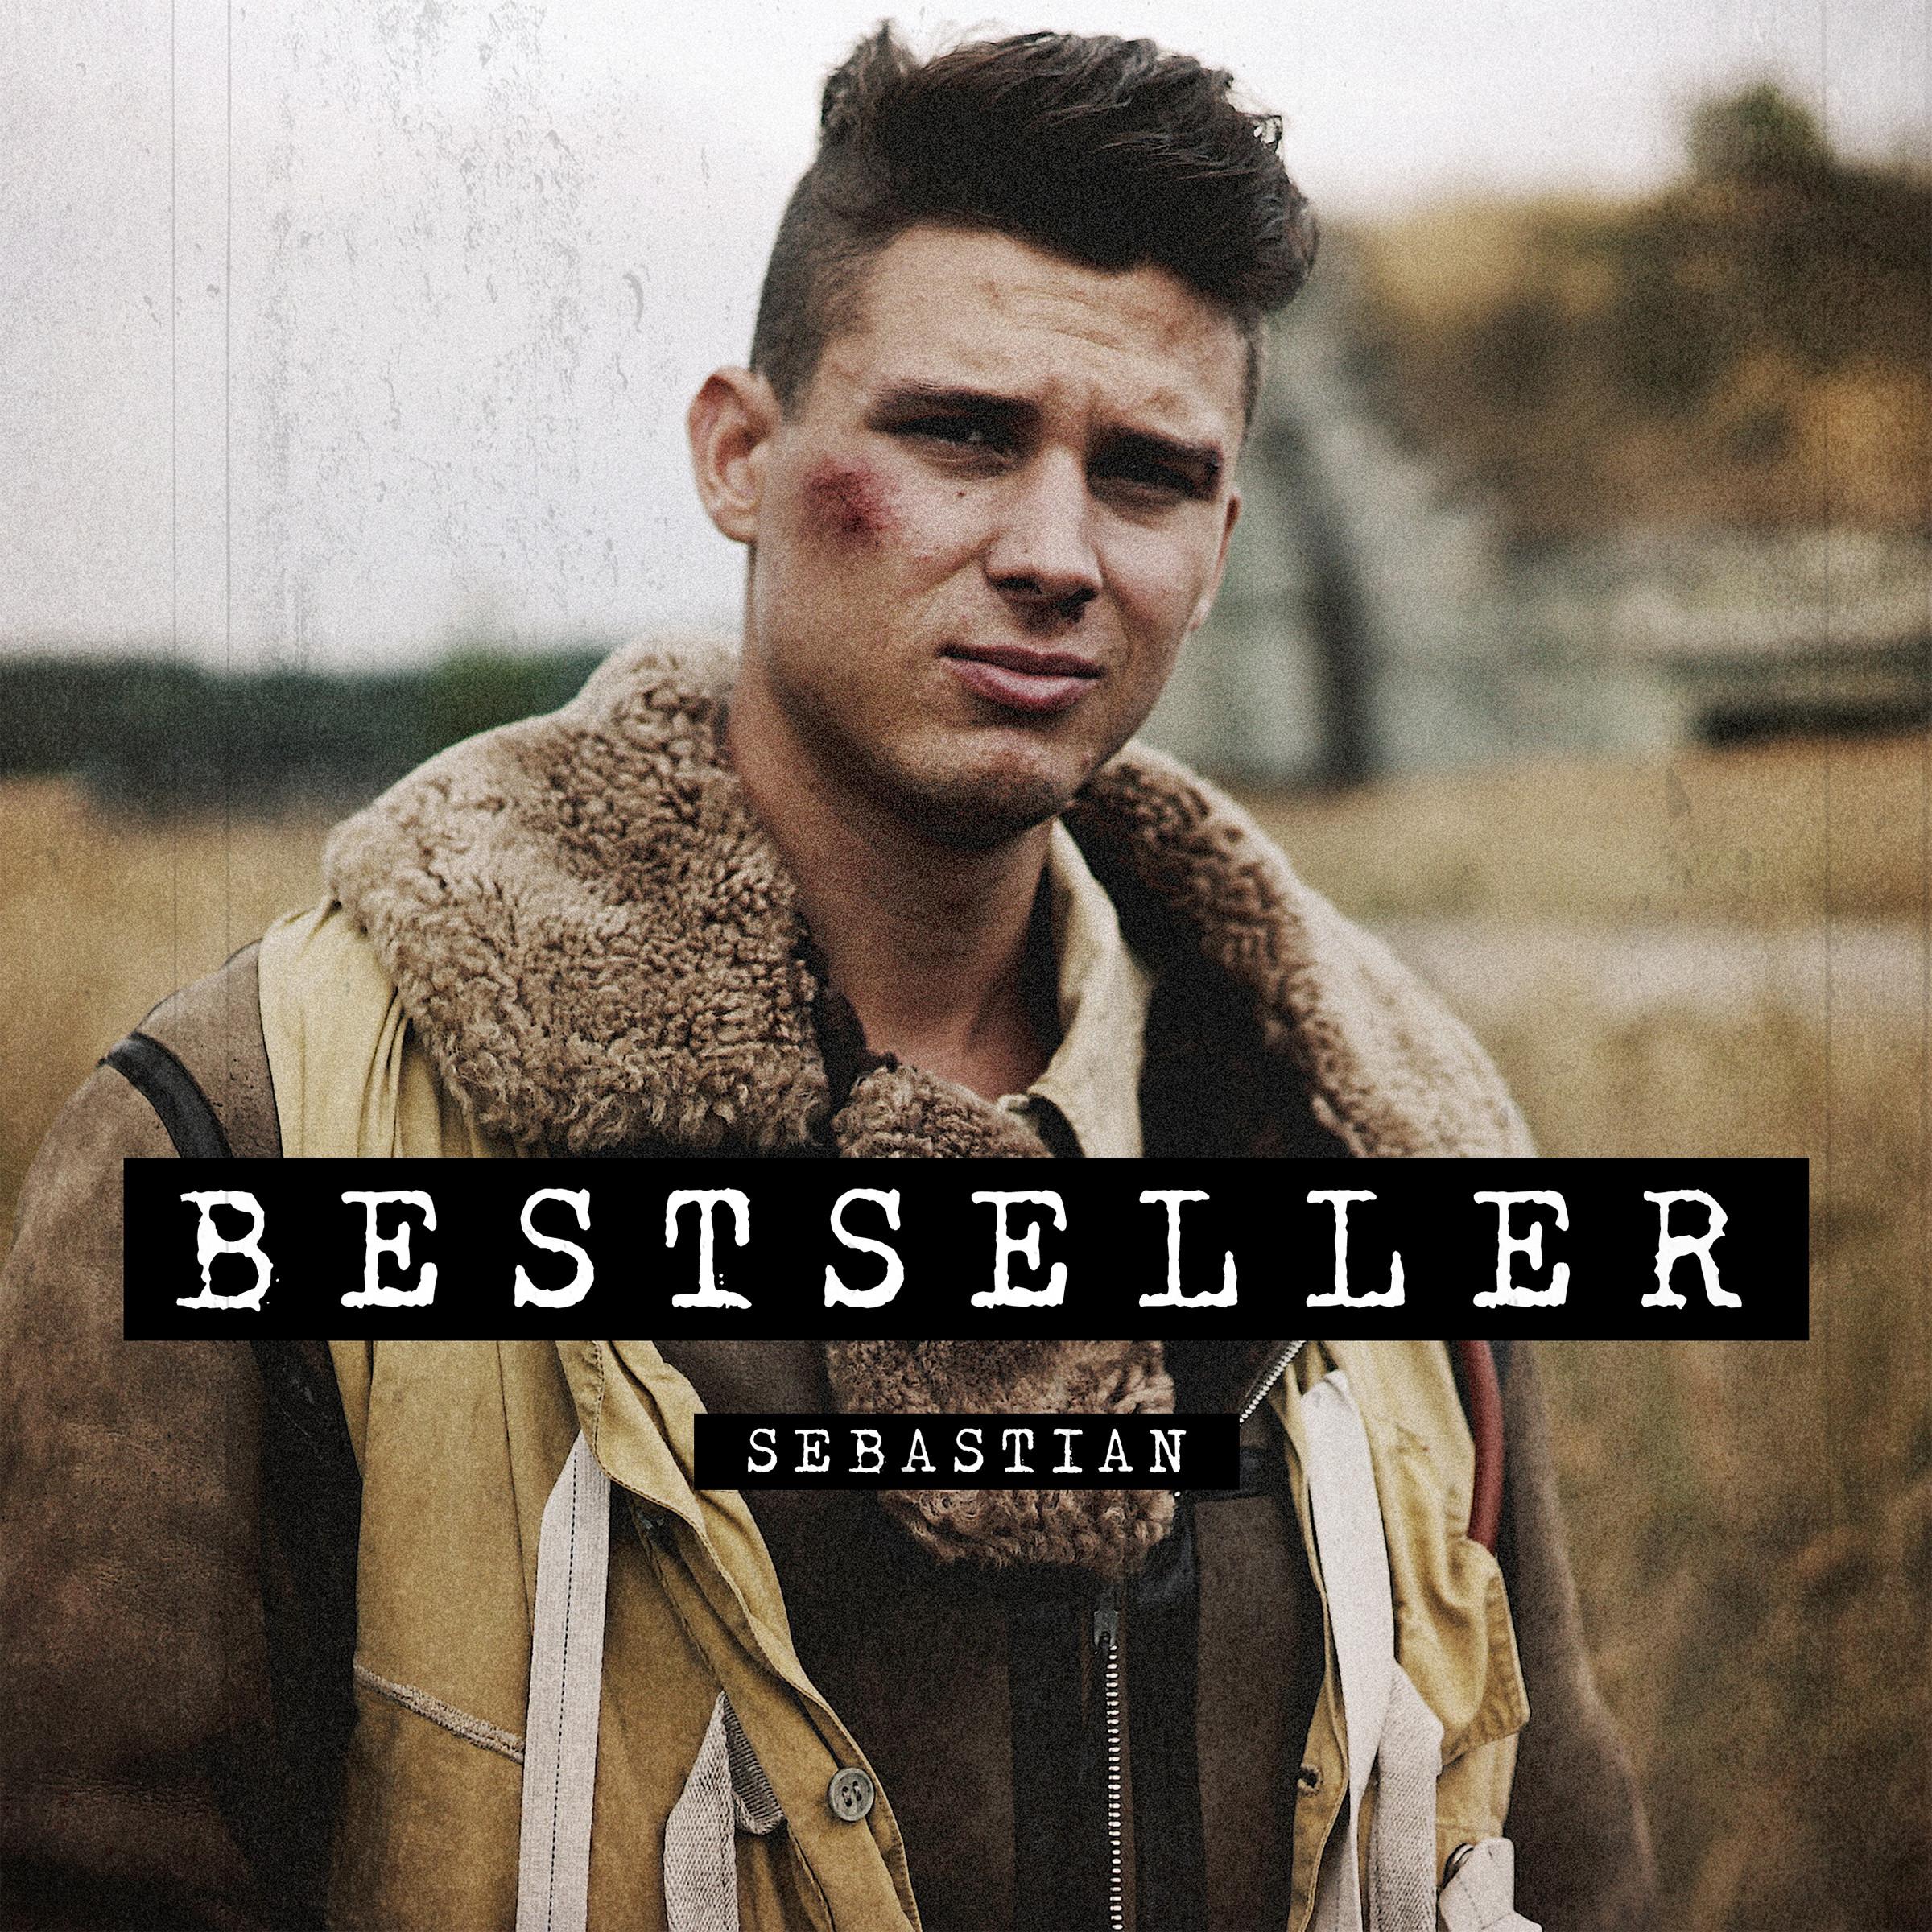 SEBASTIAN(Bestseller)